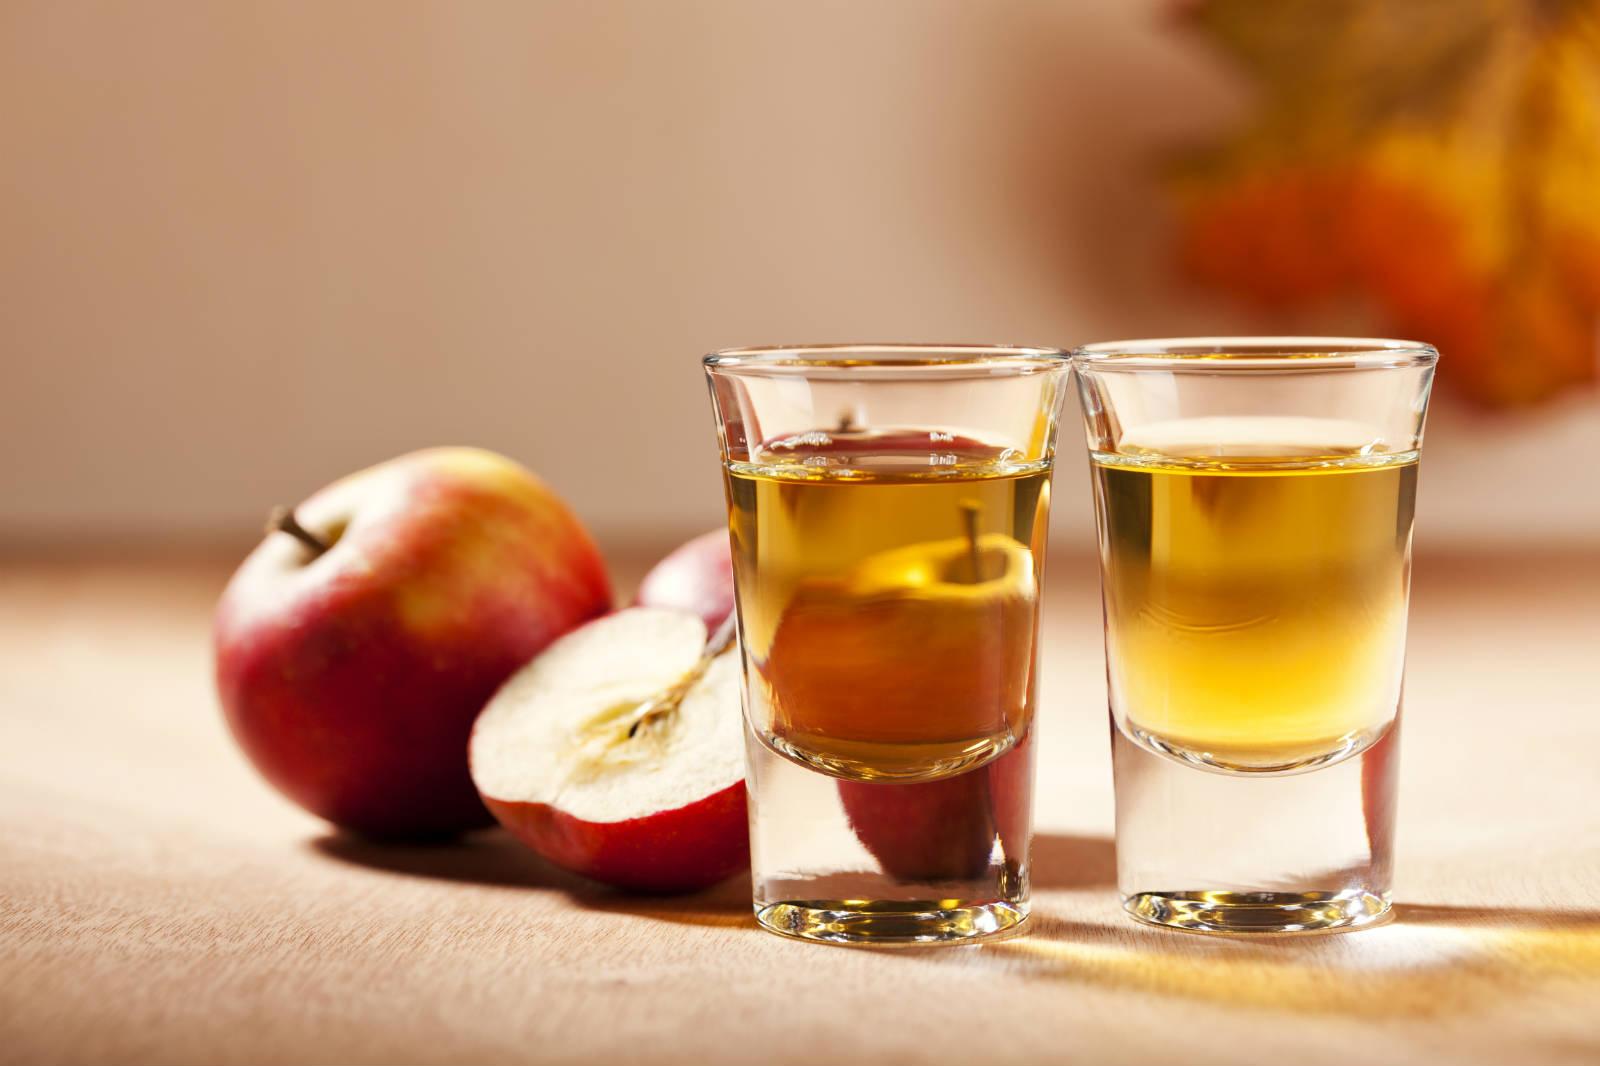 بررسی تاثیر سرکه سیب روی کاهش وزن و لاغری + اینفوگرافی